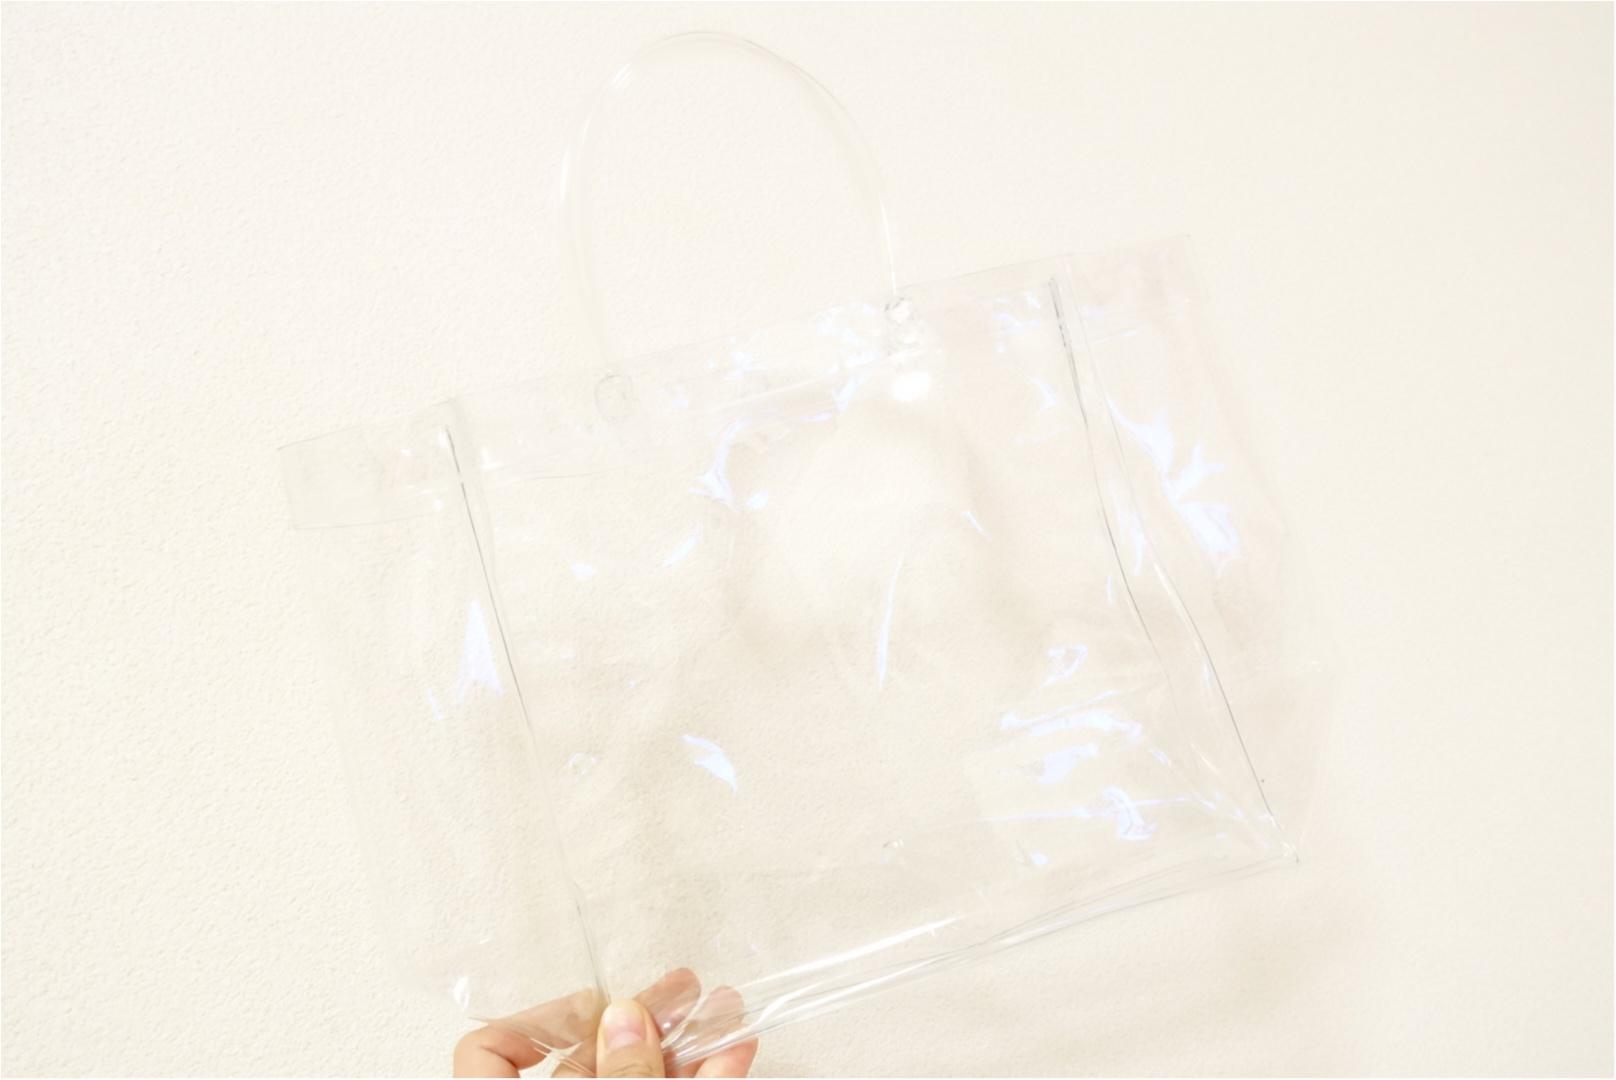 ★流行りのクリアバッグは【DAISO】でget!お洒落に見える一工夫をすれば高見え効果も!_1